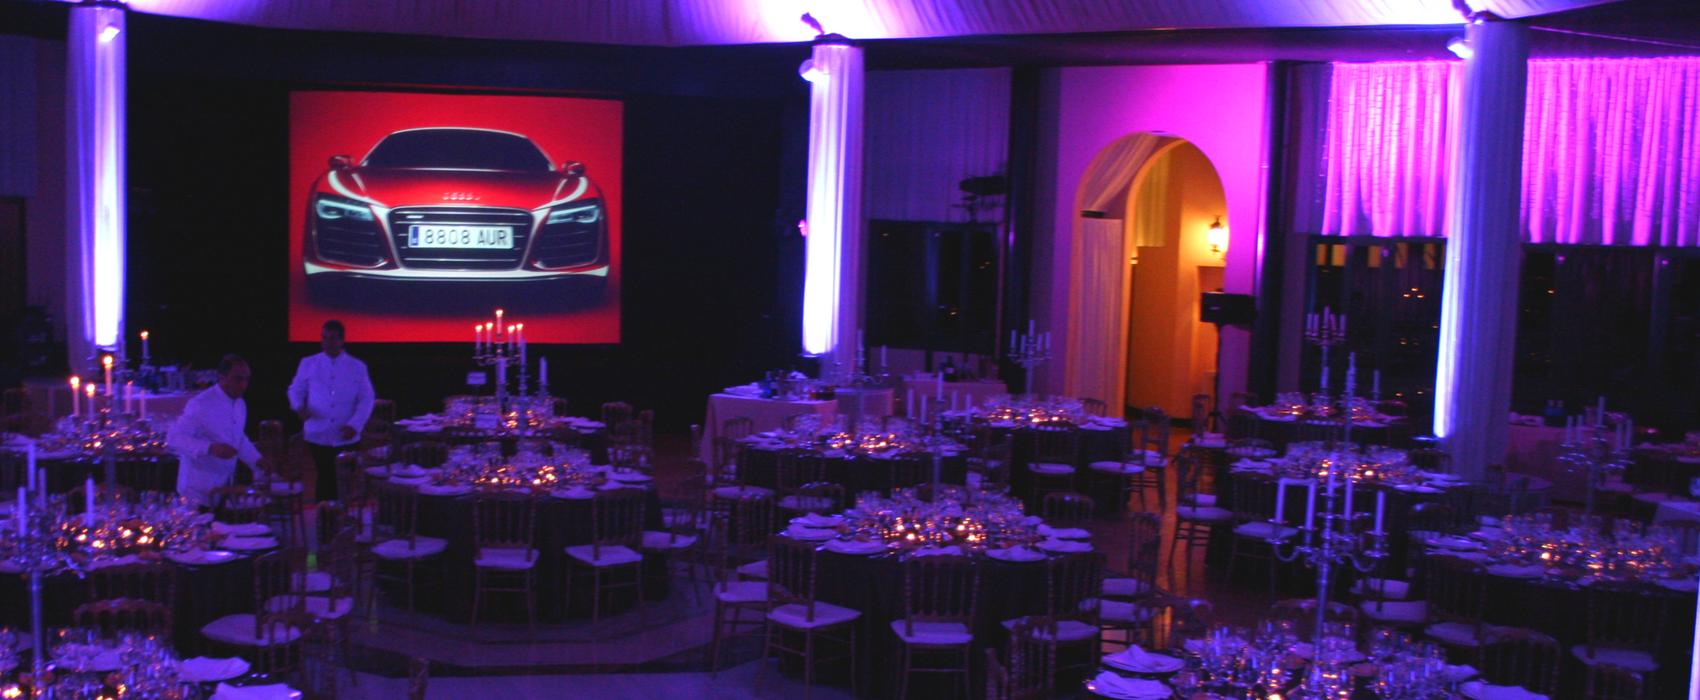 Cómo elegir catering para eventos de empresa